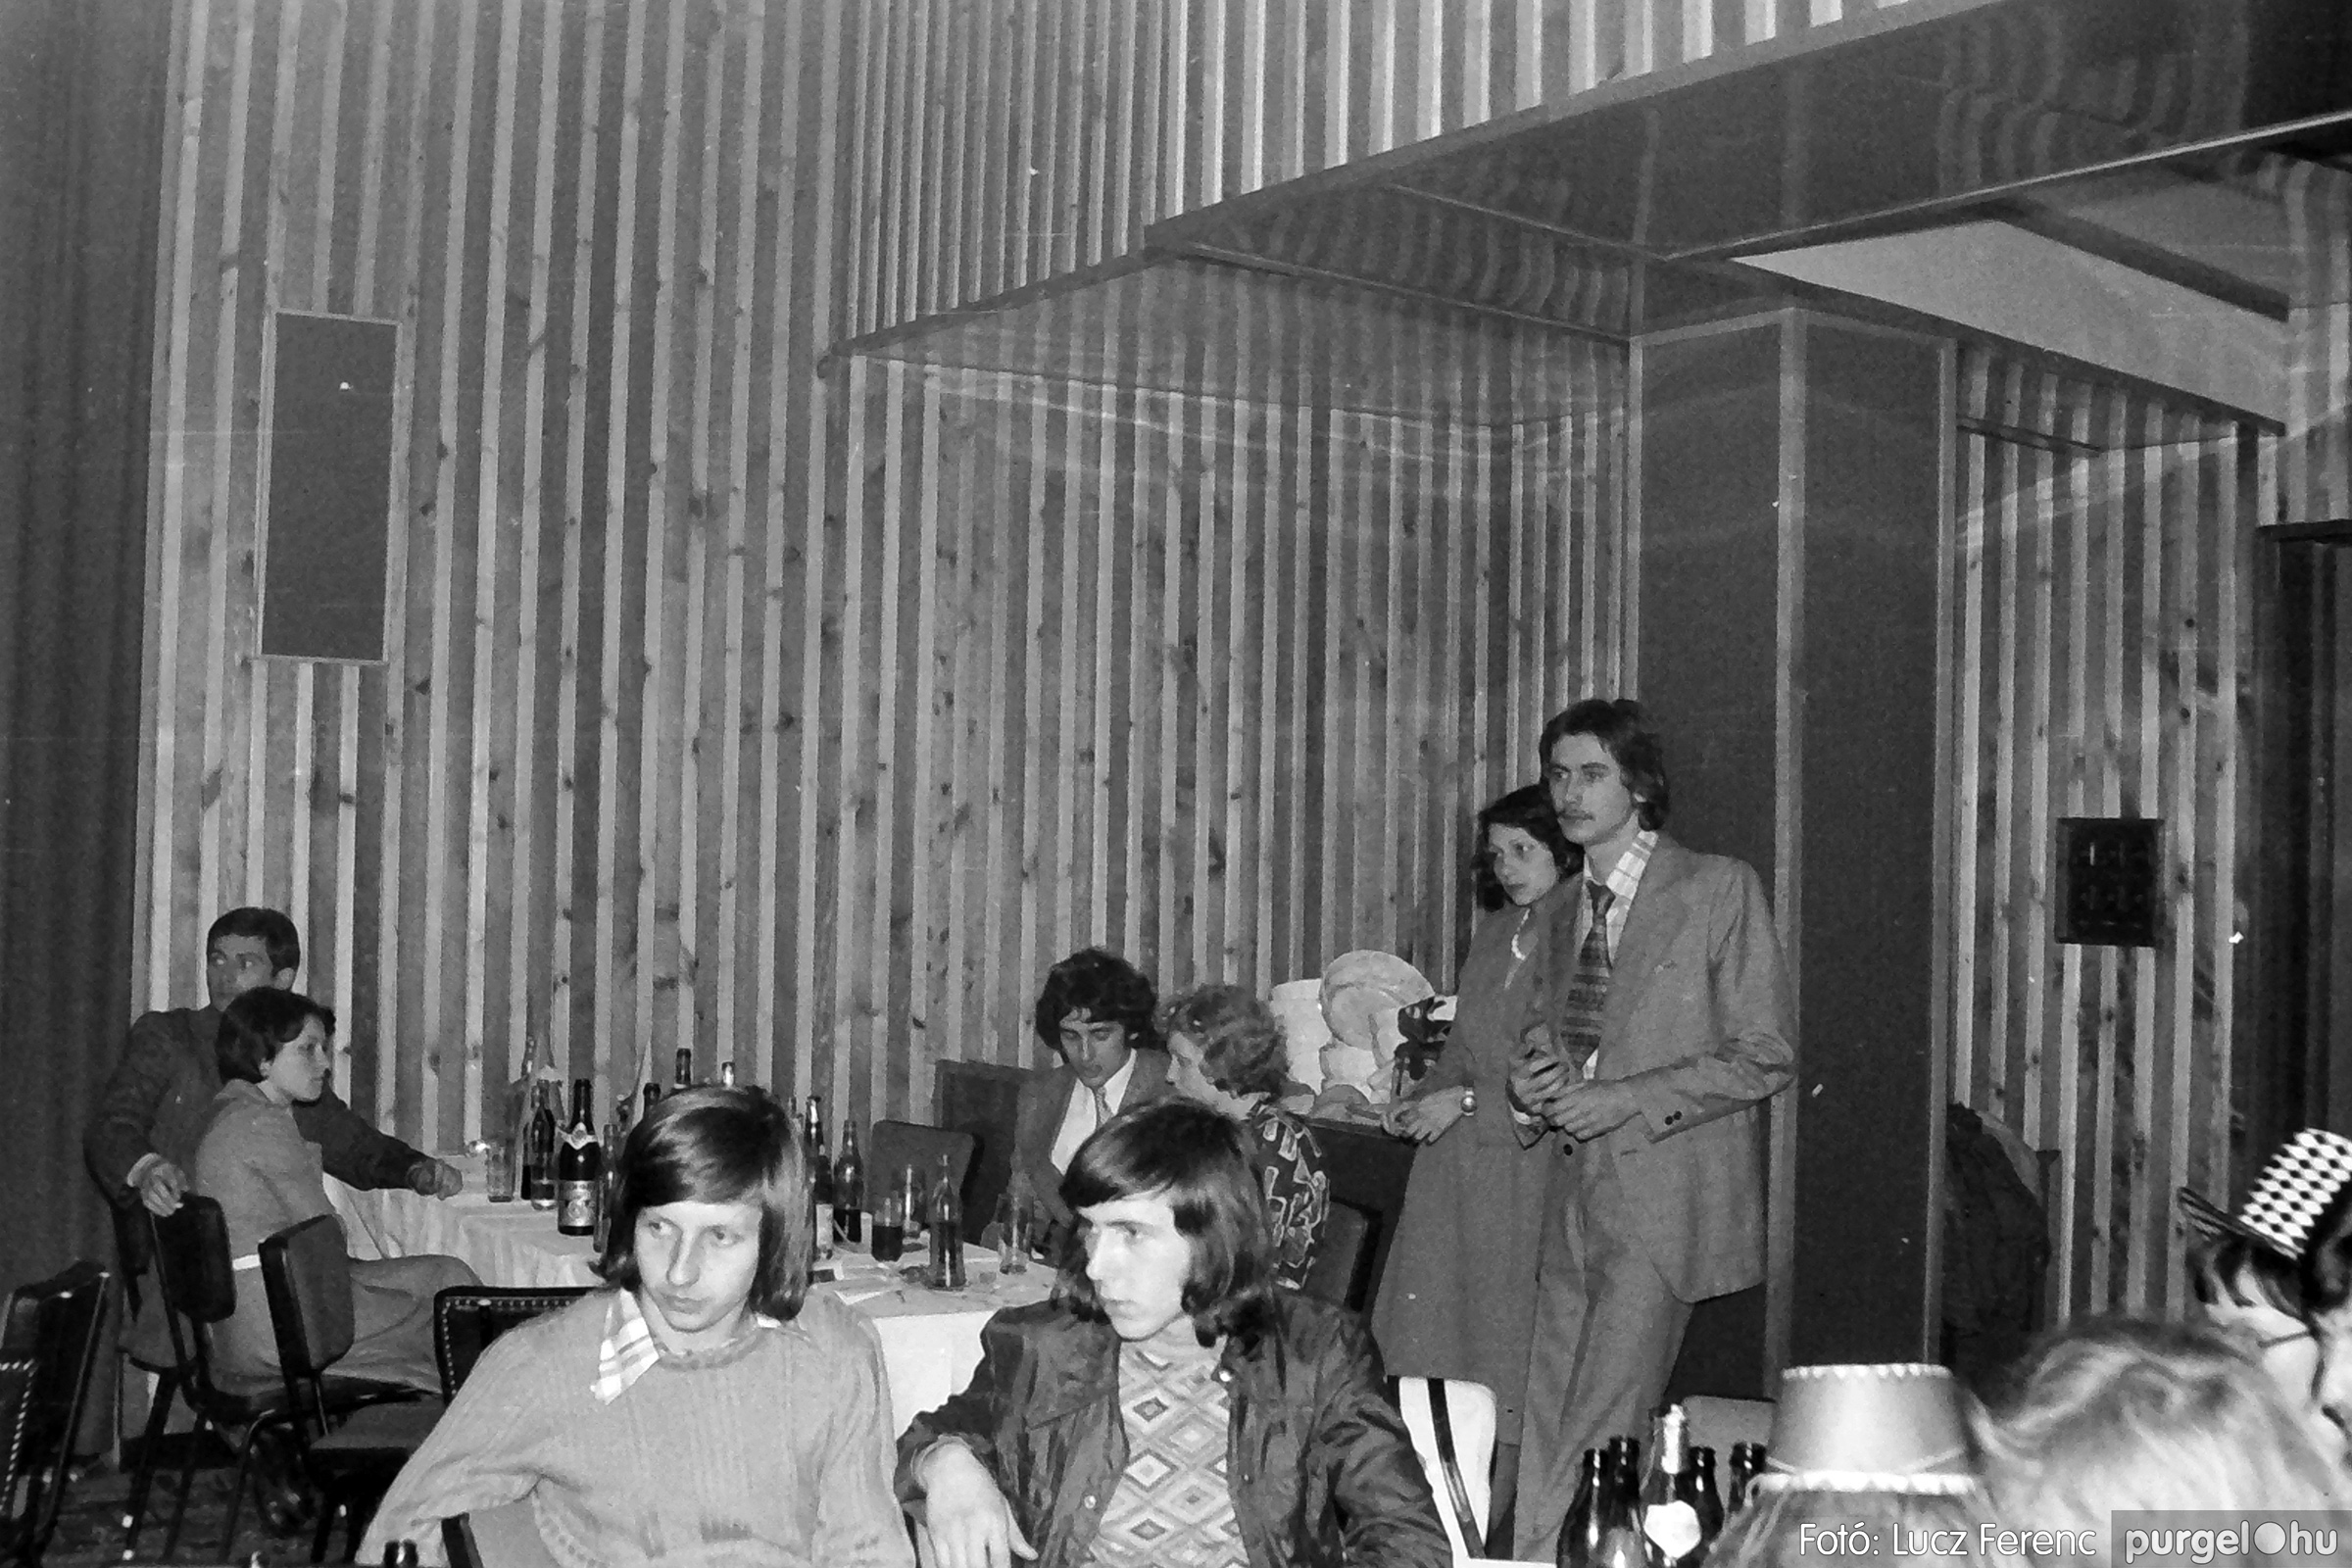 070. 1976.12.31. Szilveszter a kultúrházban 018. - Fotó: Lucz Ferenc.jpg